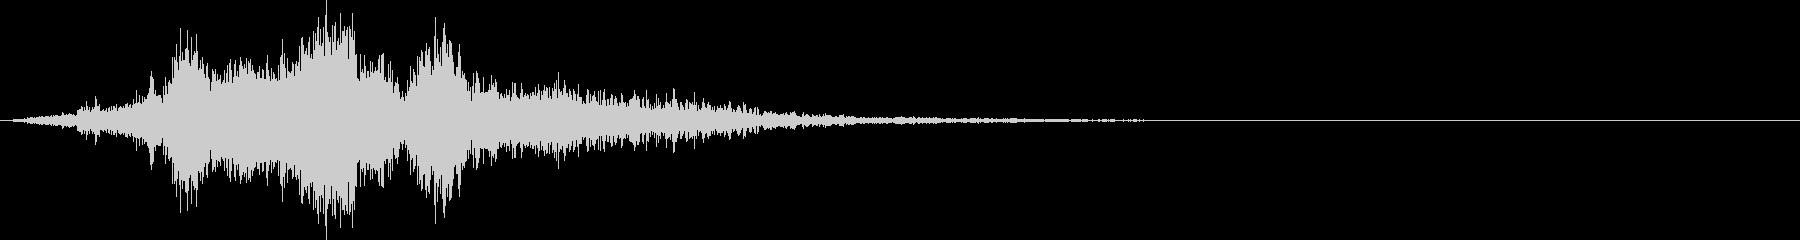 【SF】 移動 07 シューンッの未再生の波形